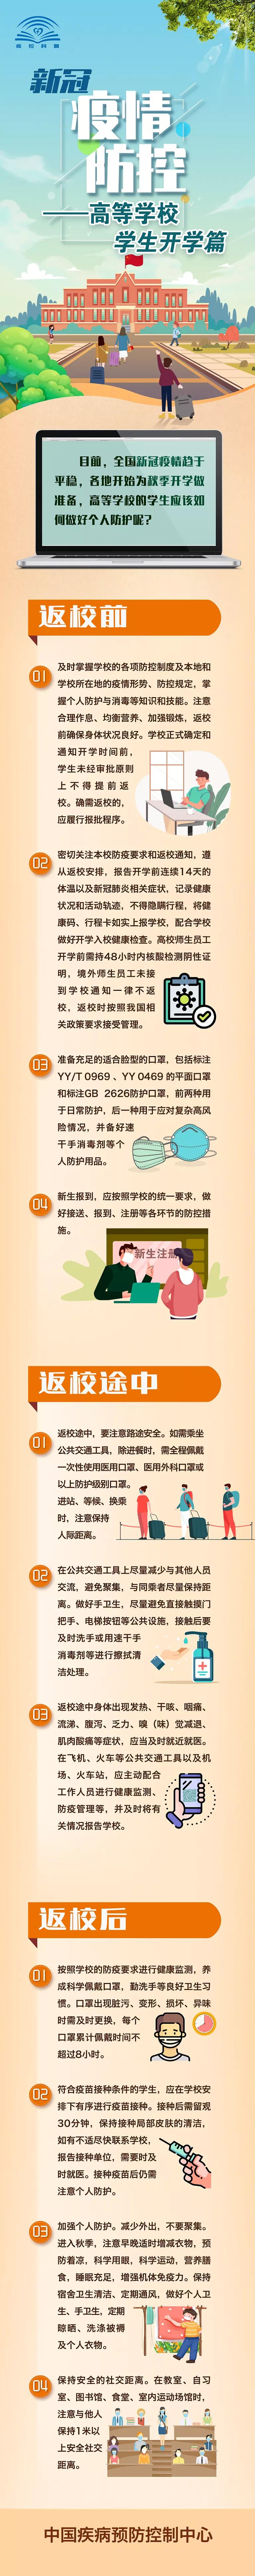 【众志成城 防控疫情】新冠疫情防控——高等学校学生开学篇